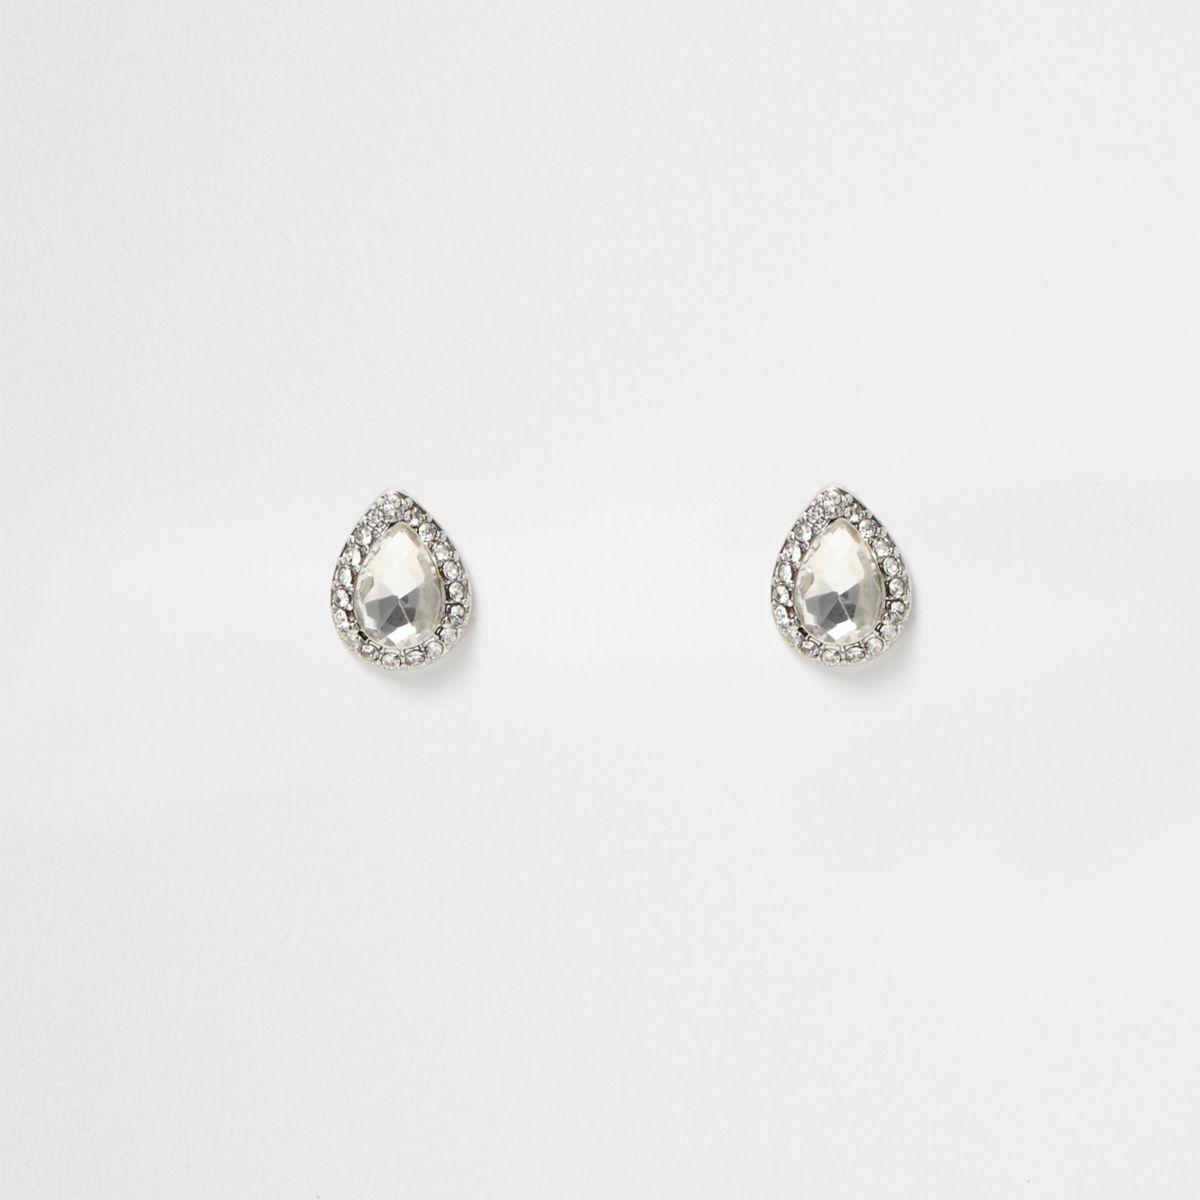 Silver tone diamante teardrop stud earrings